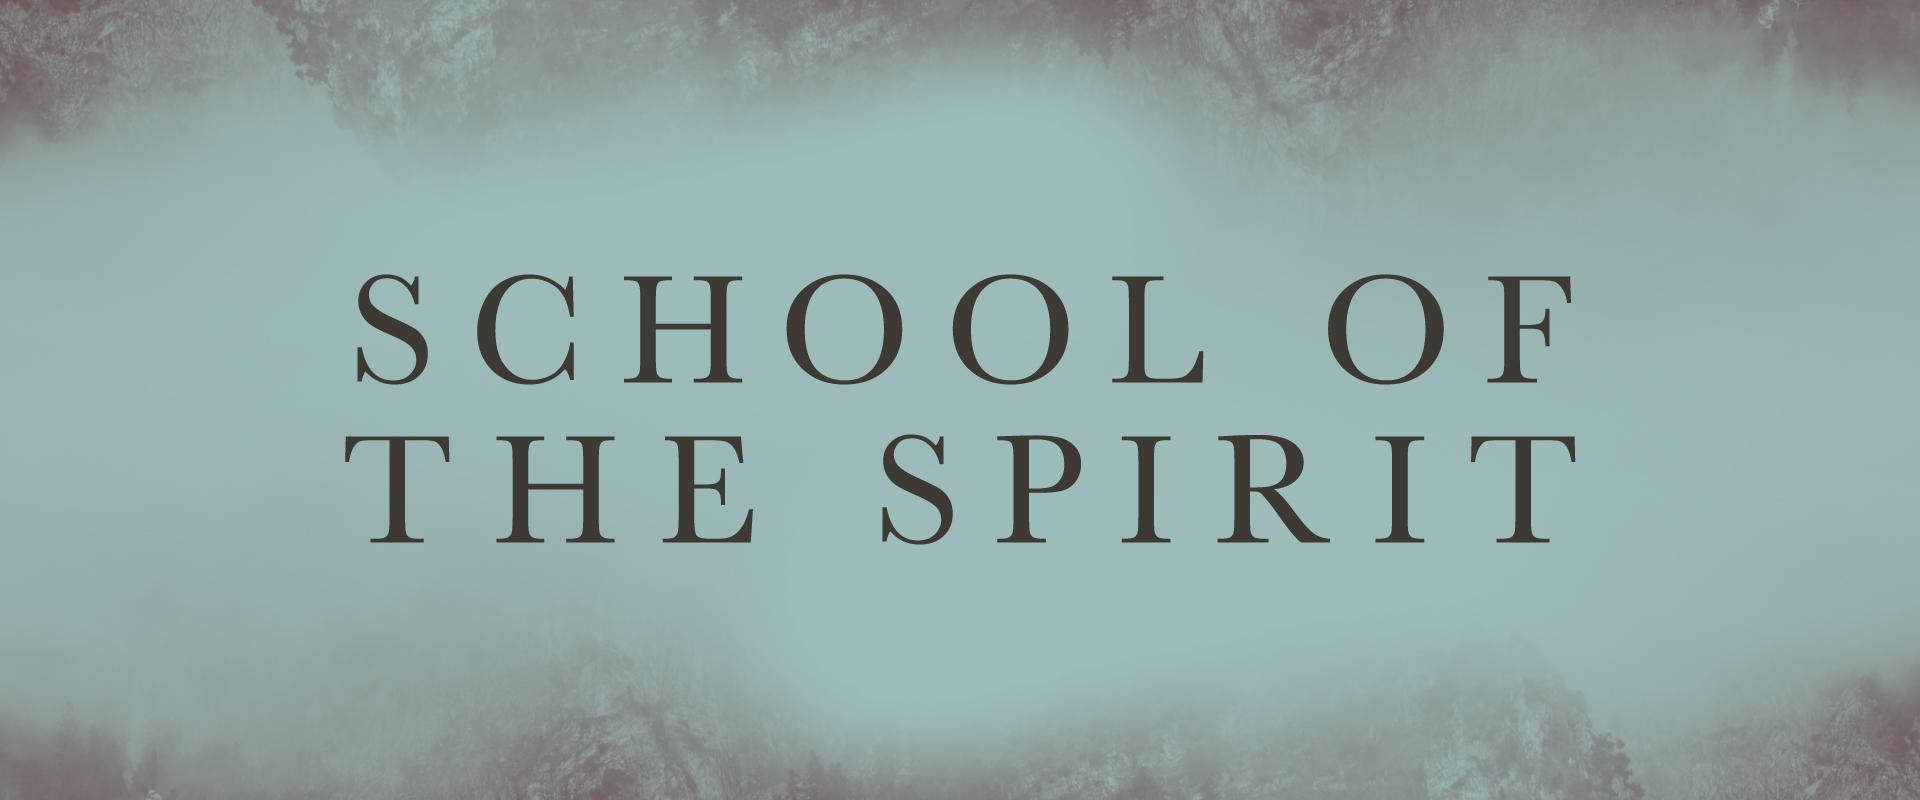 SEEK | School Of The Spirit | Film 02.jpg